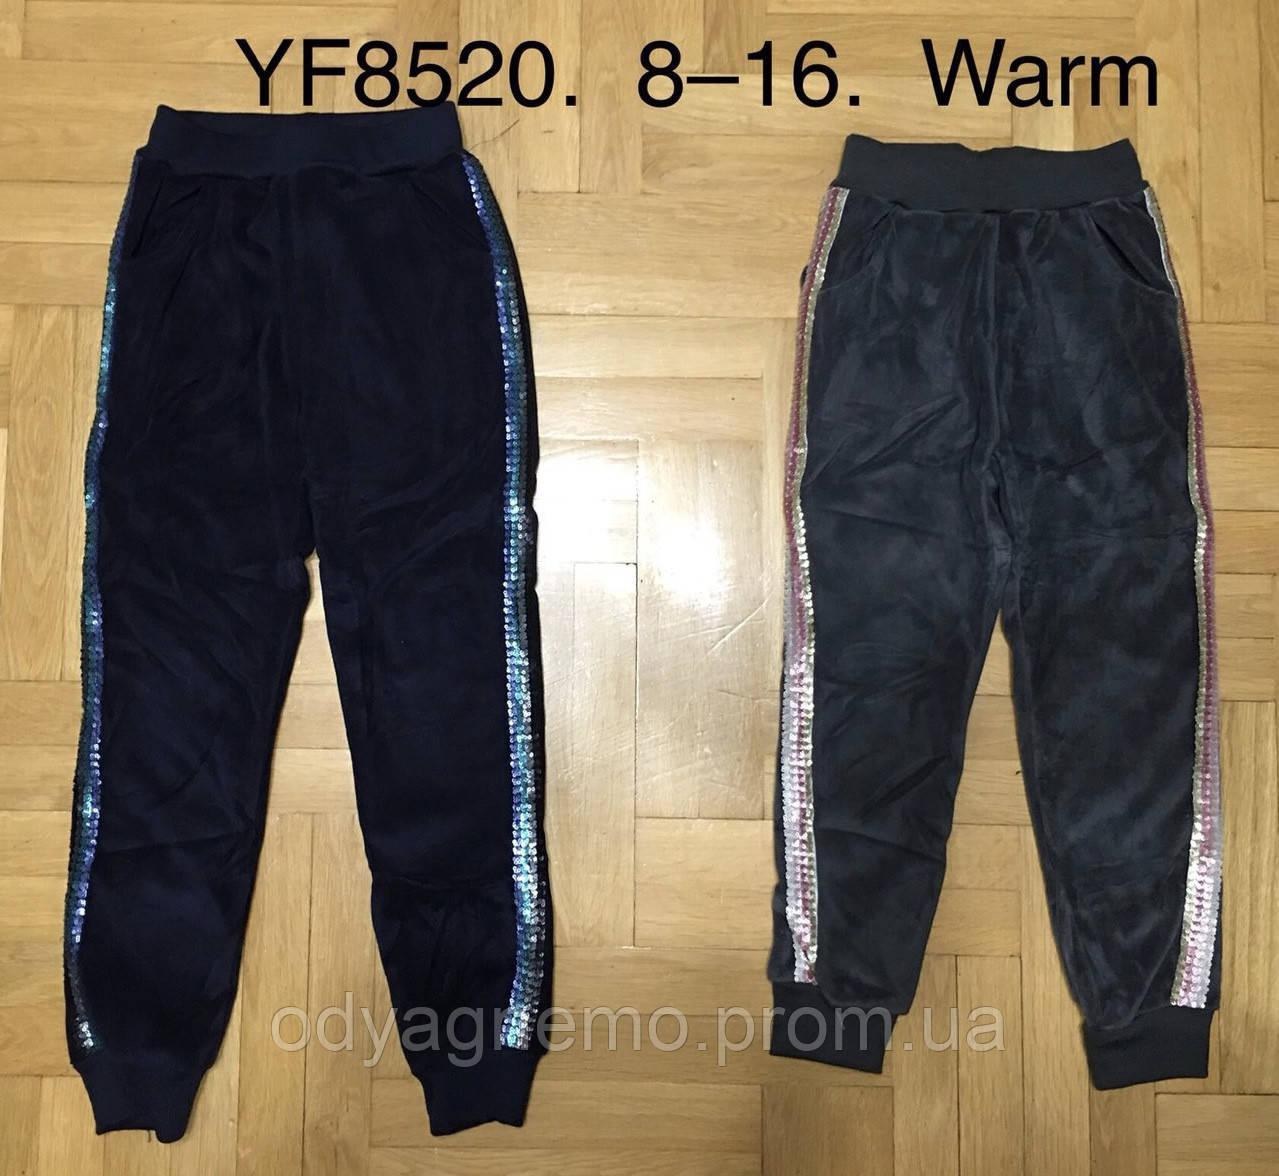 Спортивные велюровые брюки утепленные для девочек F&D оптом, 8-16 лет. Артикул: YF8520